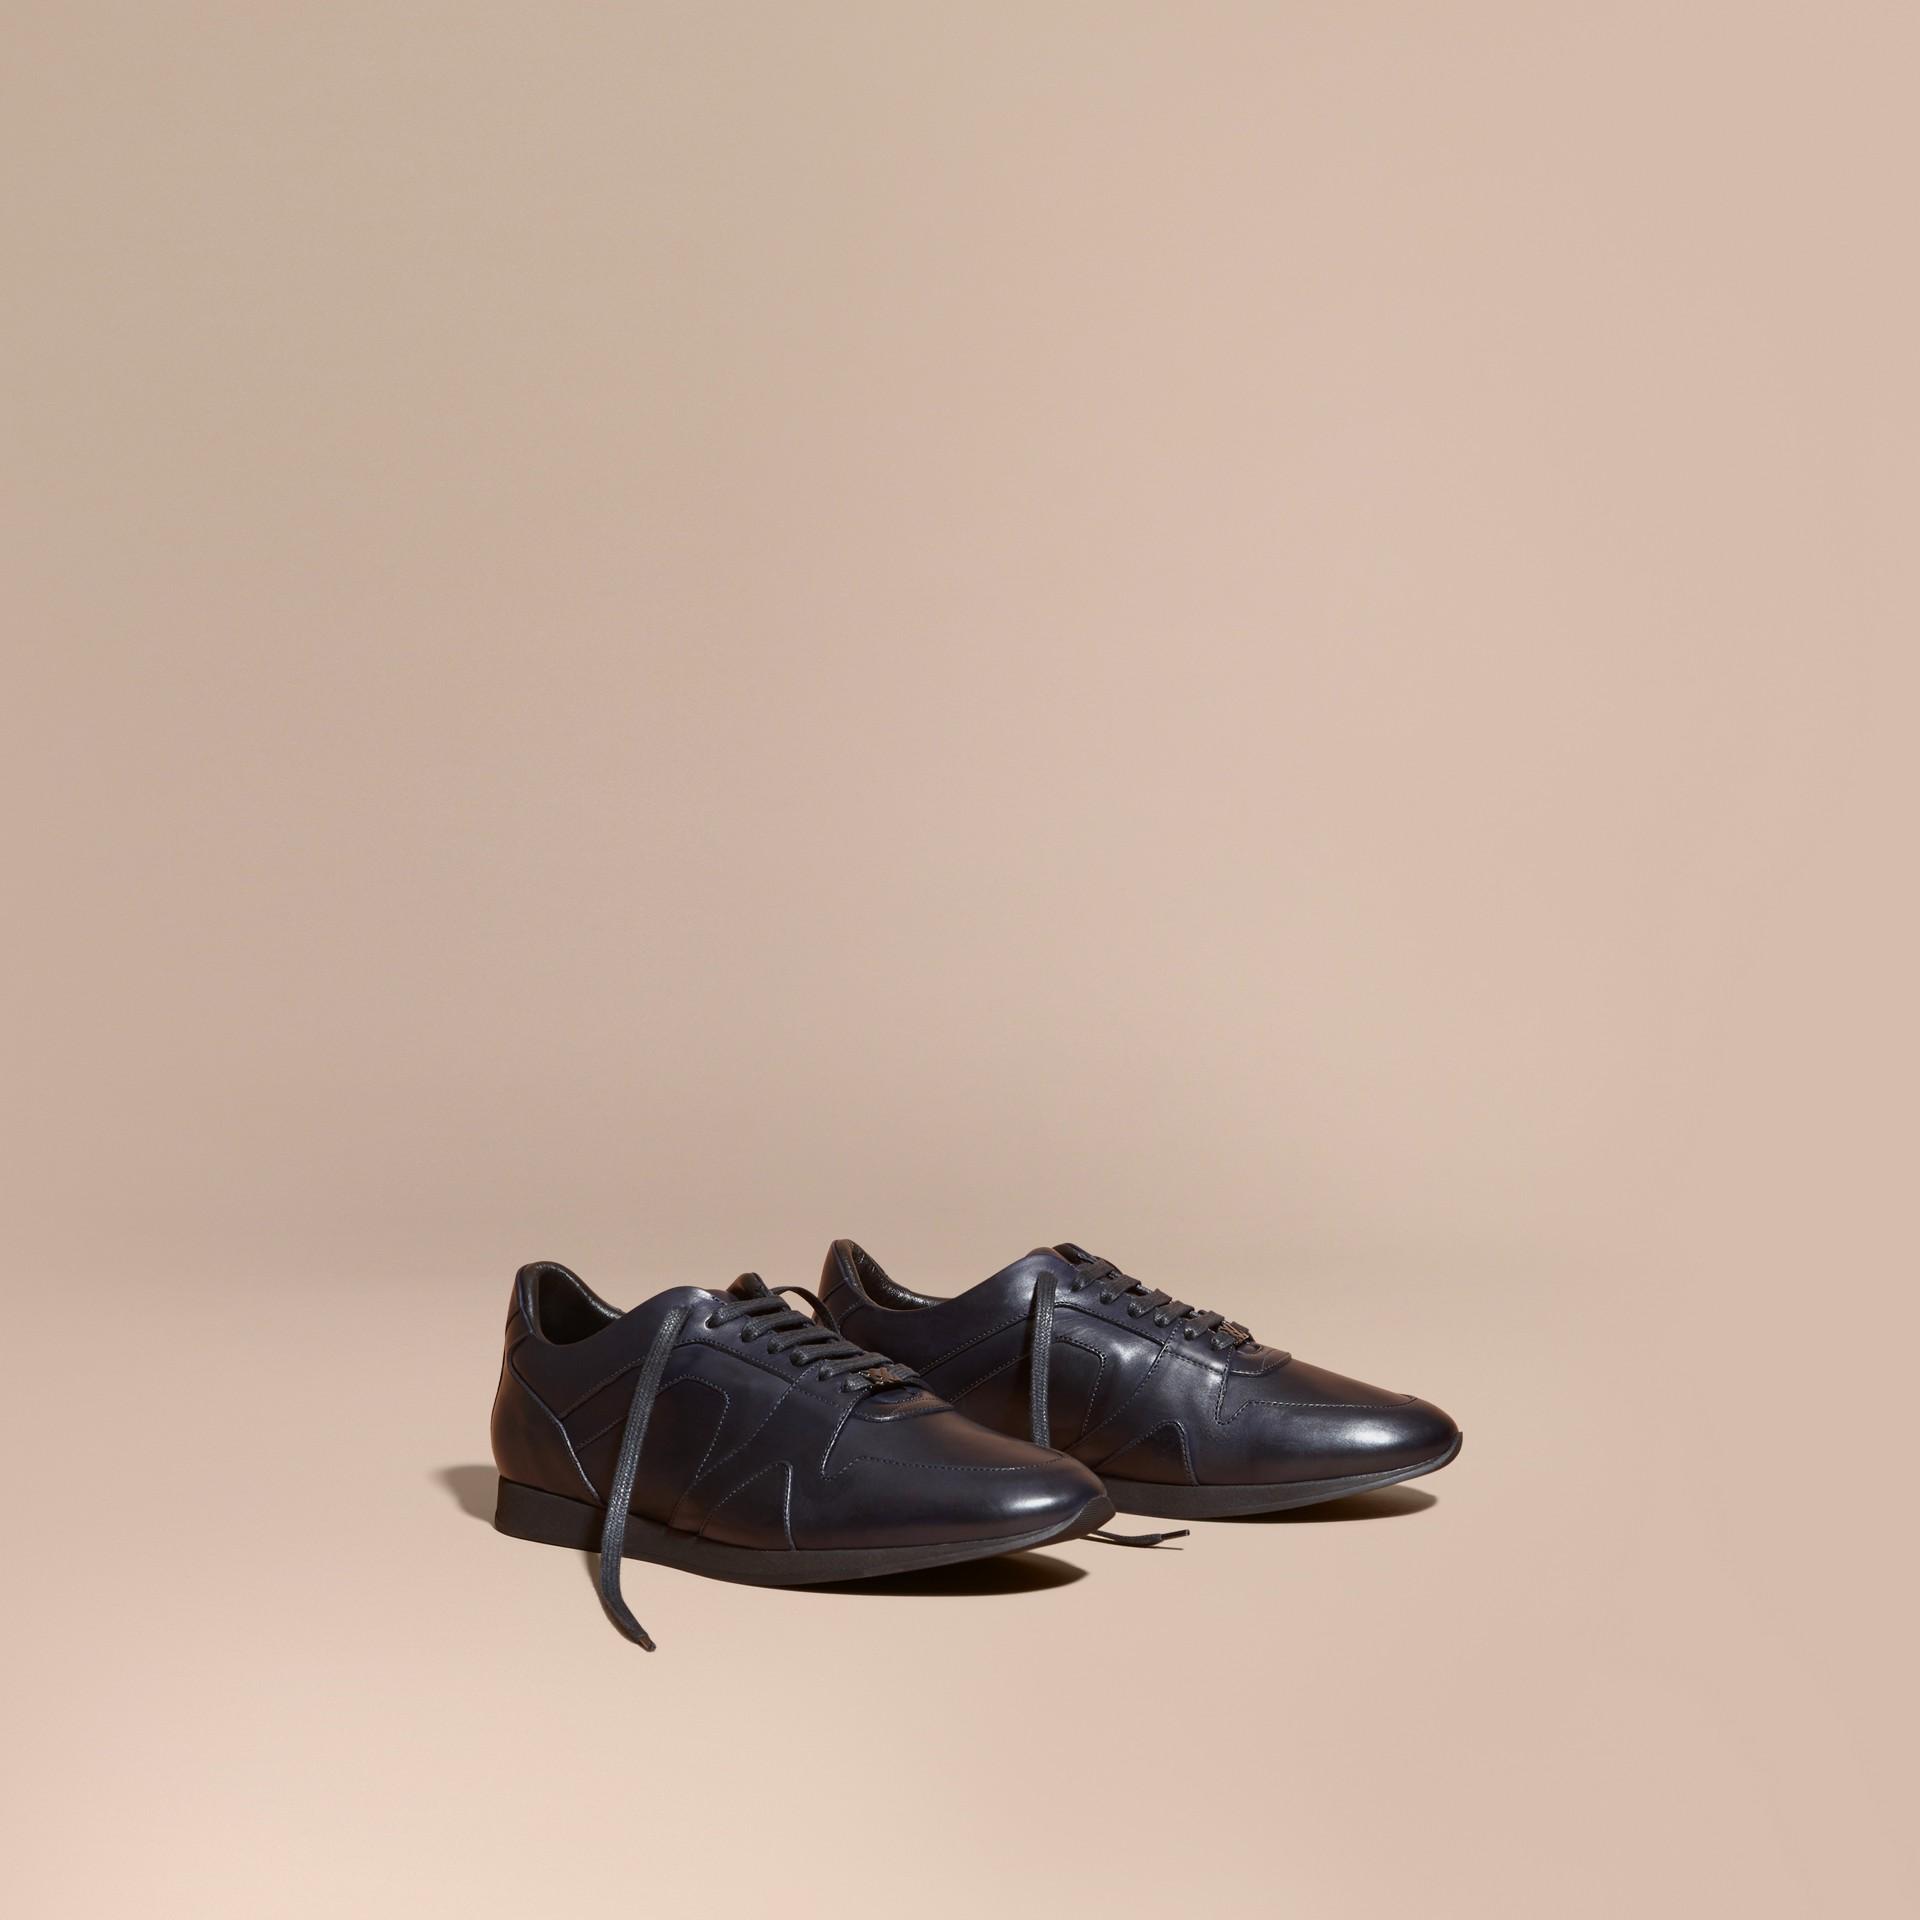 Marineblau The Field Sneaker aus Leder Marineblau - Galerie-Bild 1